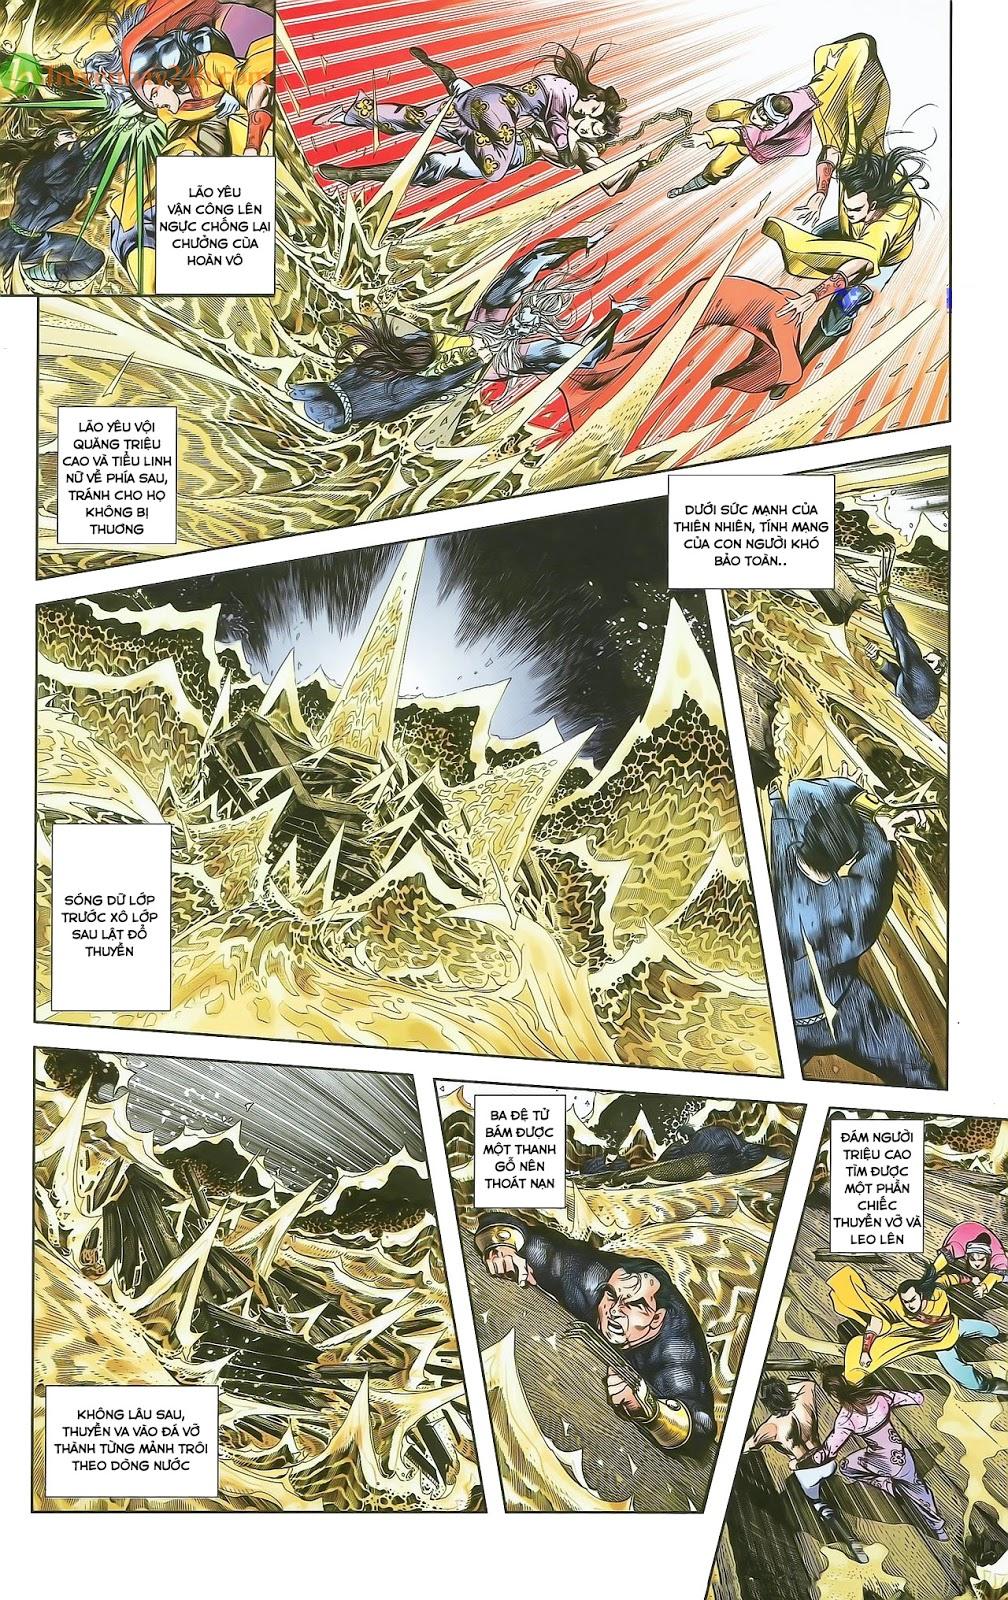 Tần Vương Doanh Chính chapter 28 trang 3